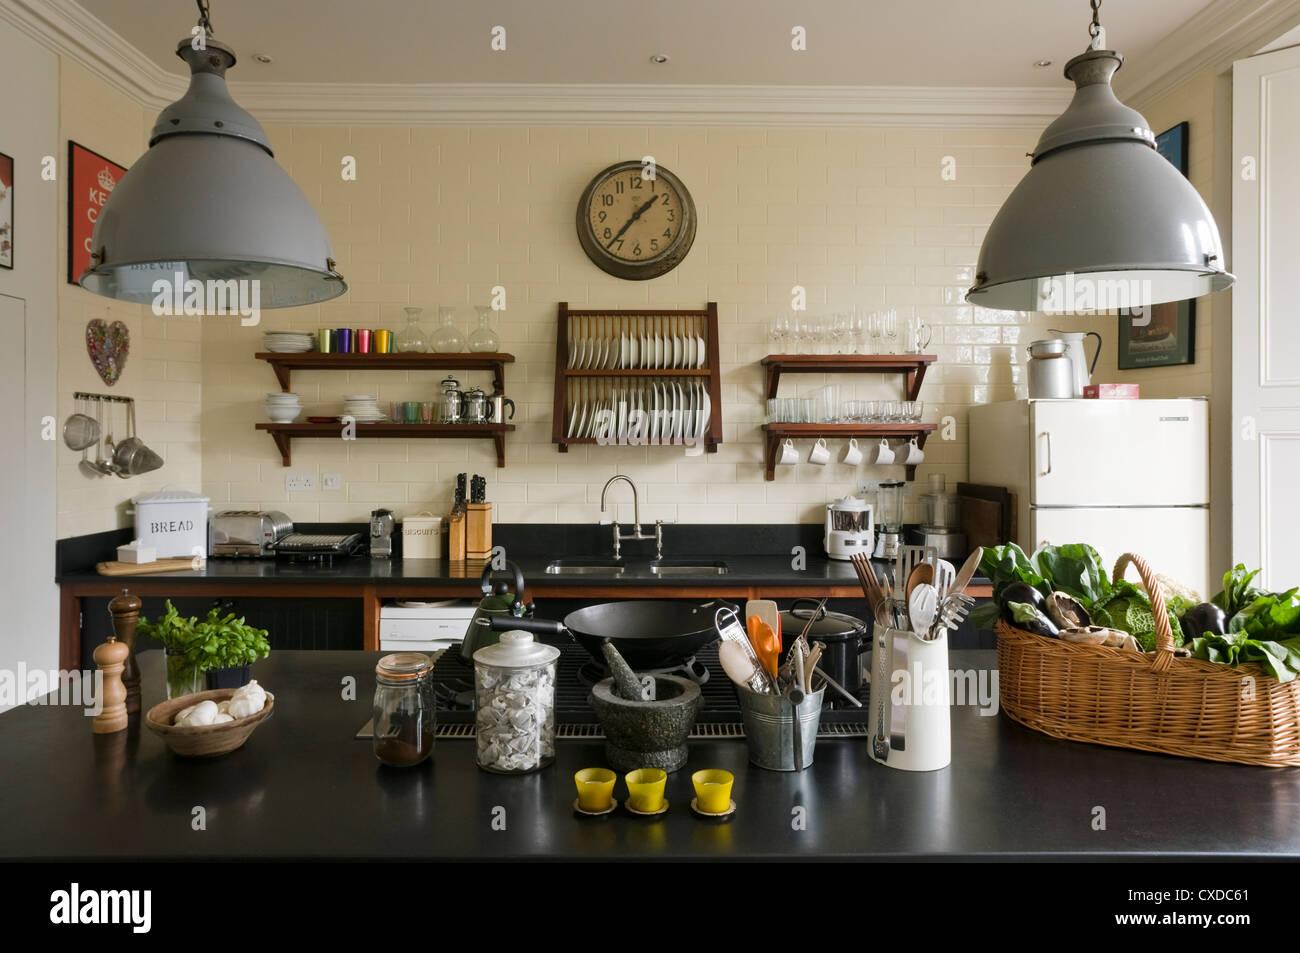 Retro Kitchen Stockfotos & Retro Kitchen Bilder - Alamy